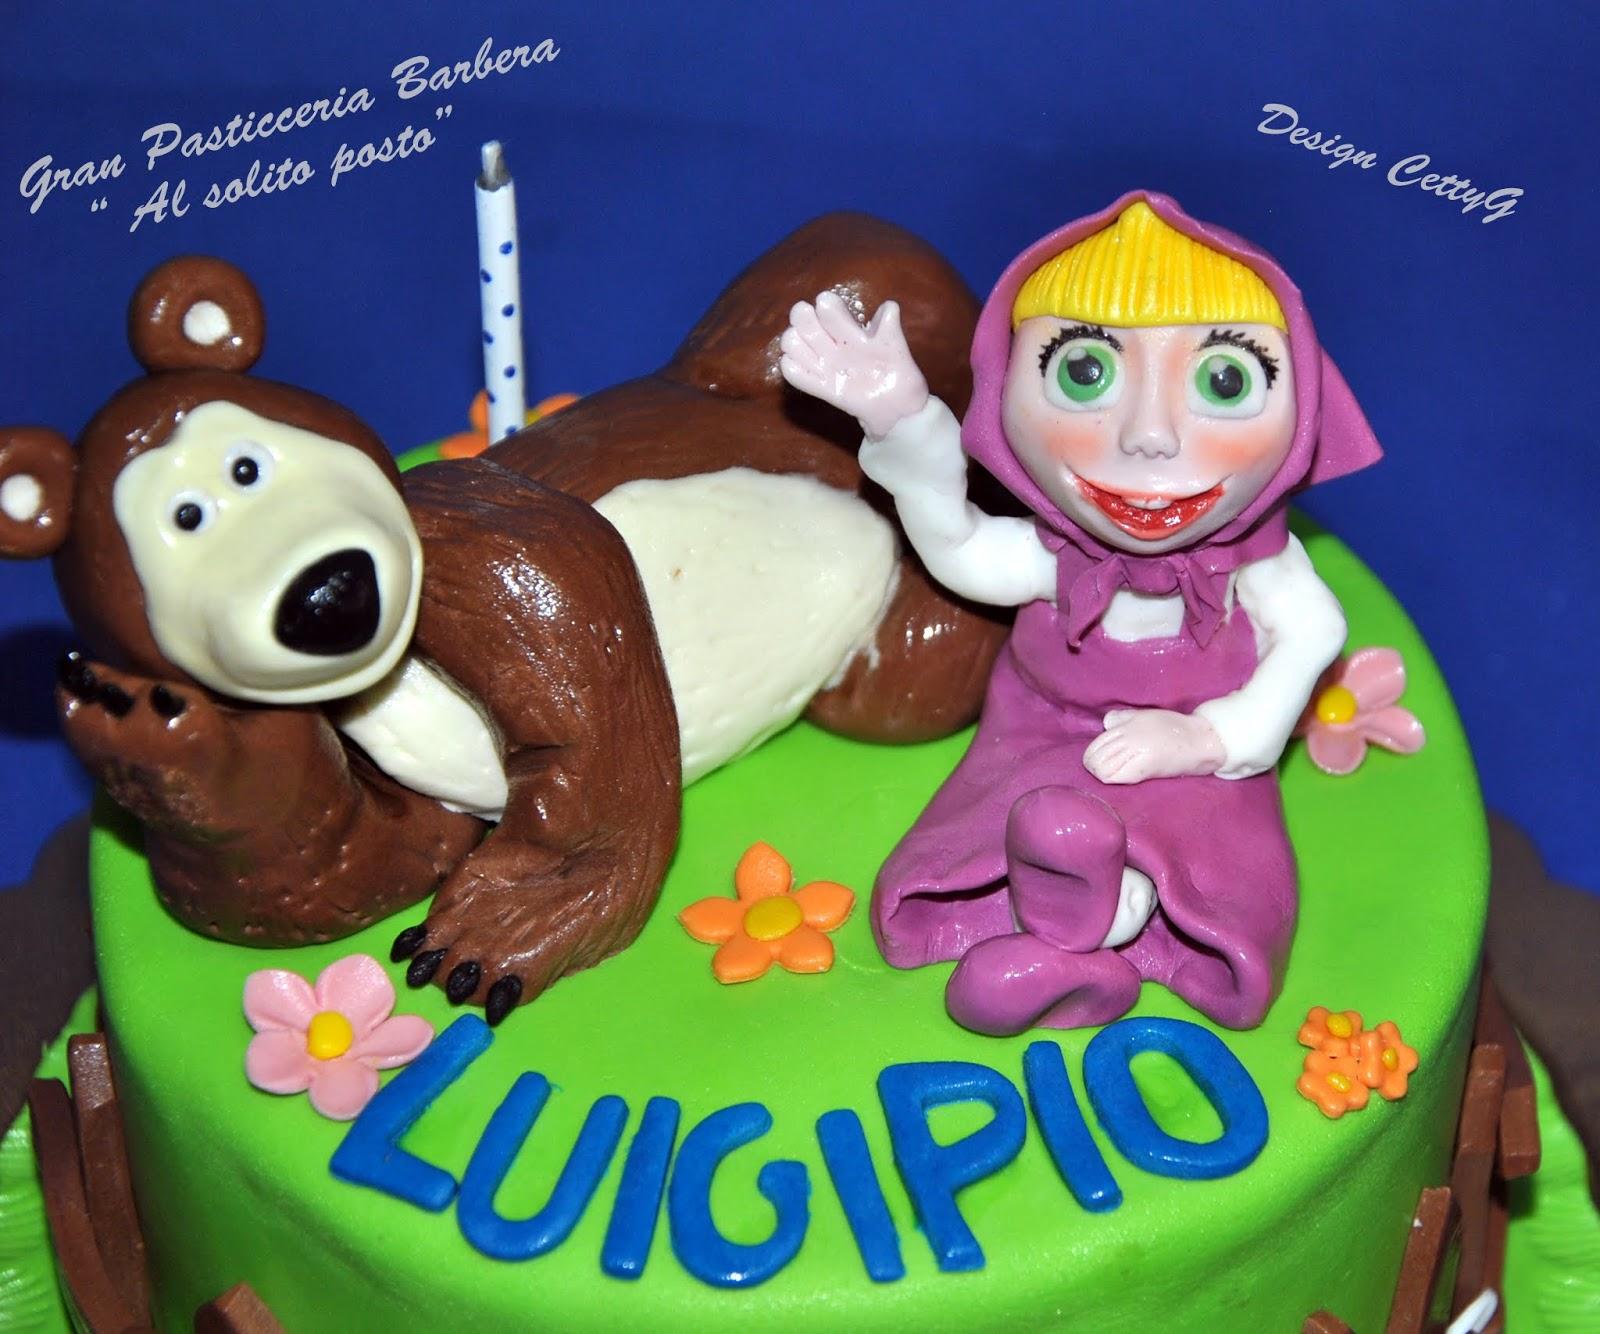 Preferenza Le torte decorate di Cetty G: Masha e l'orso cake TA18